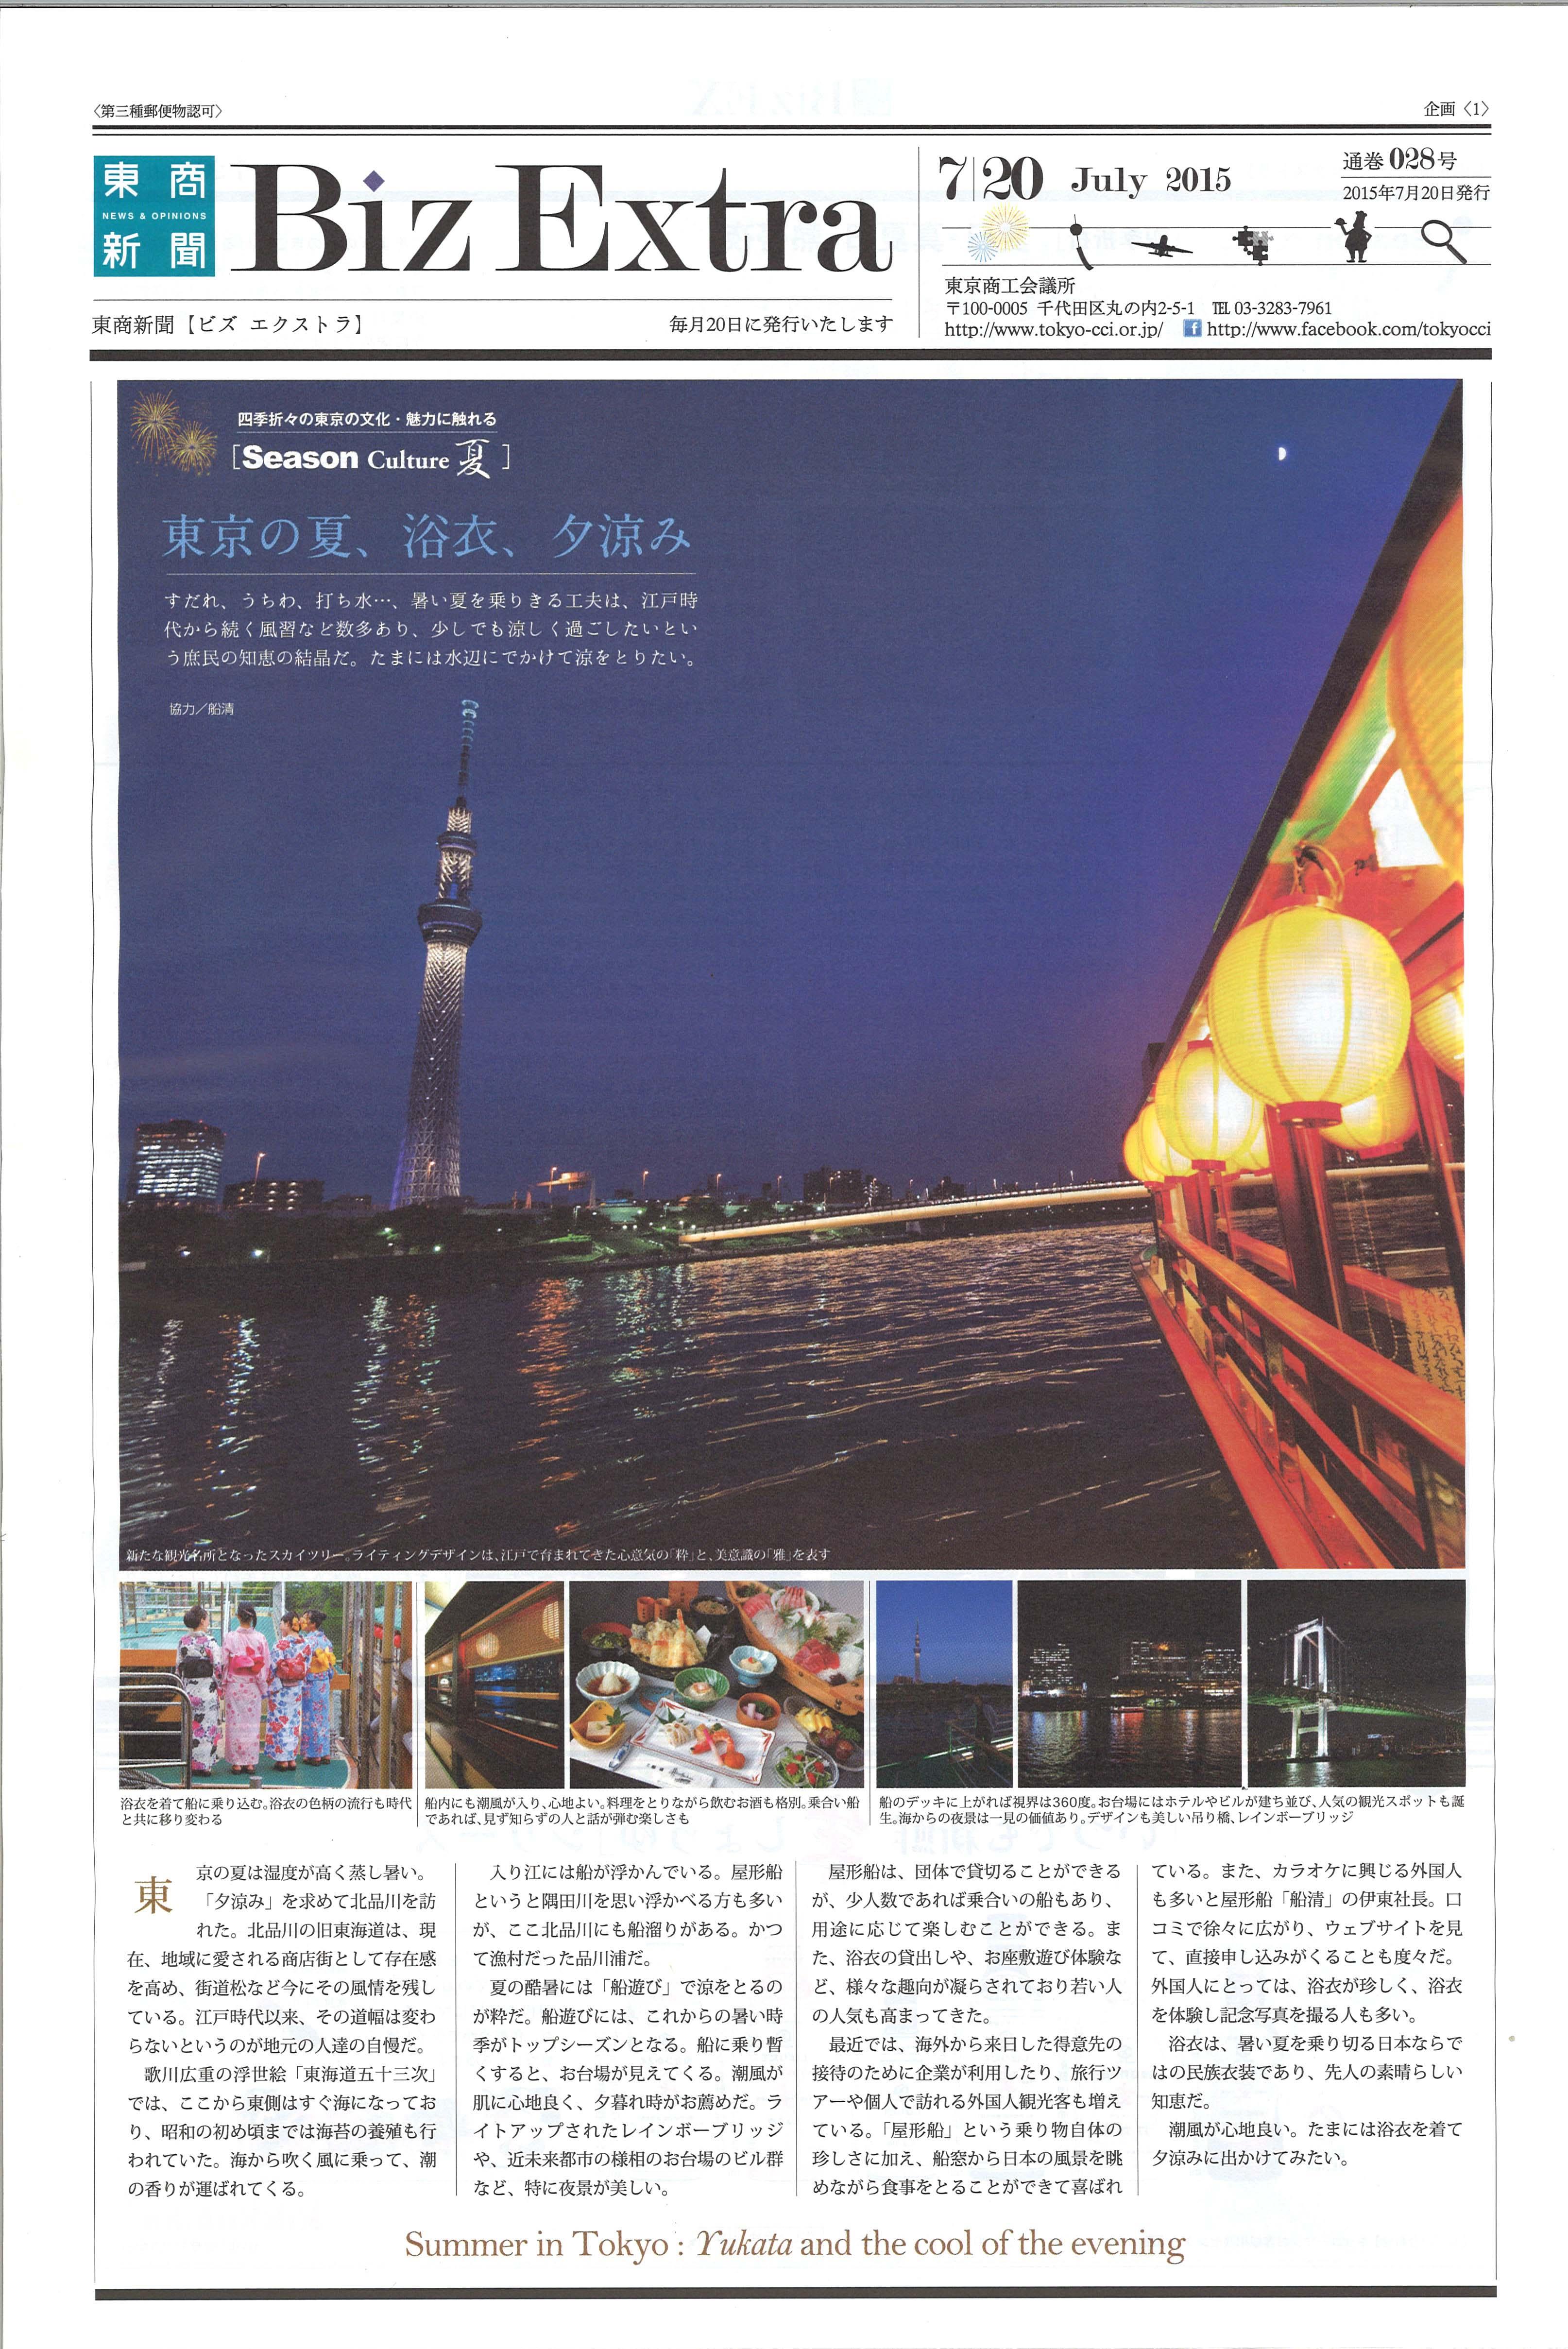 「東商新聞 Biz Extra」 July 2015 通巻028号